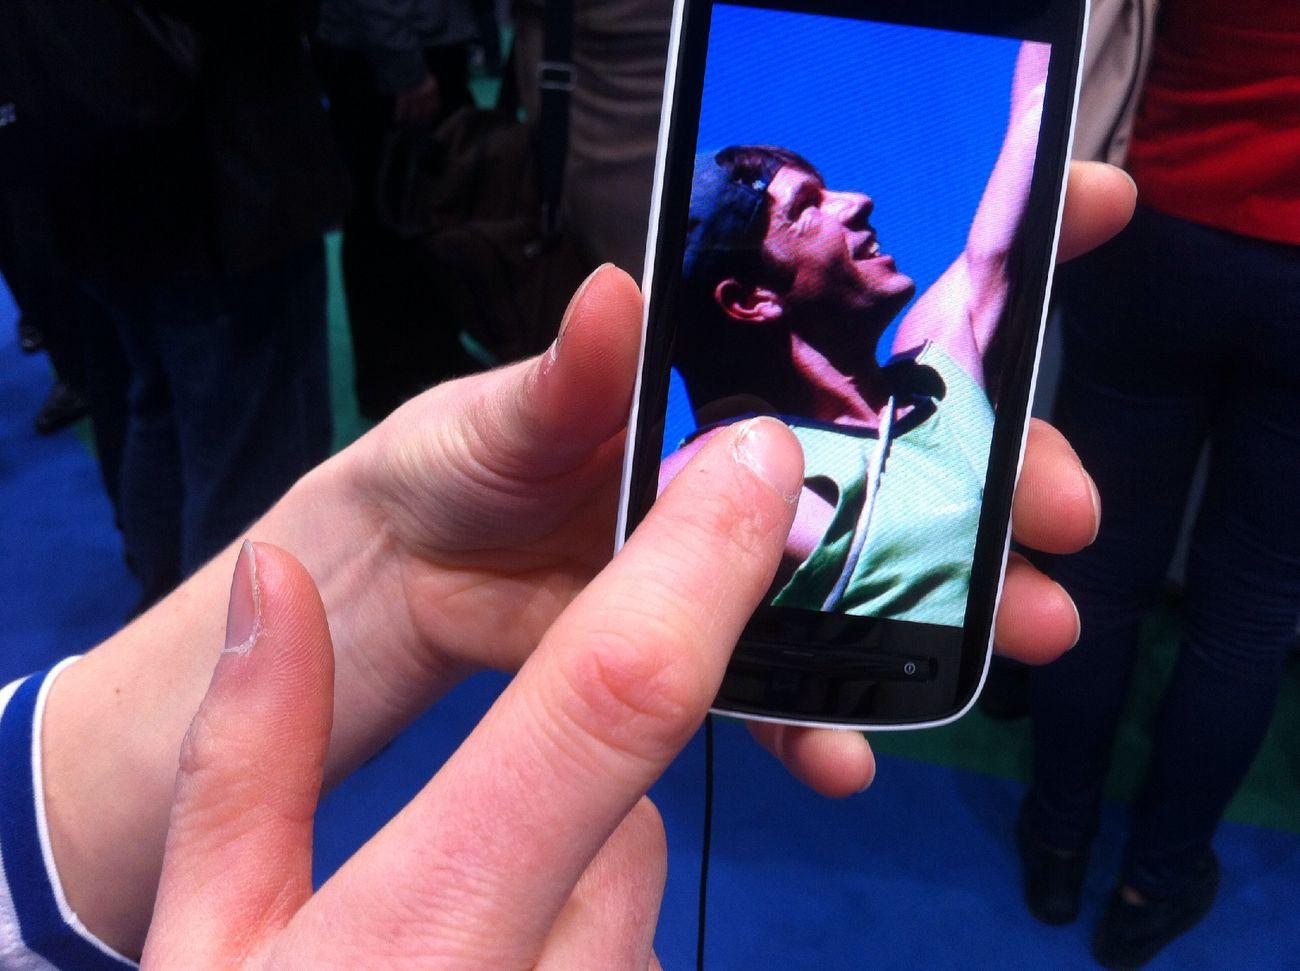 41 f*cking mega pixel at Nokia @ MWC 2012 (Hall 7) 41 F*cking Mega Pixel